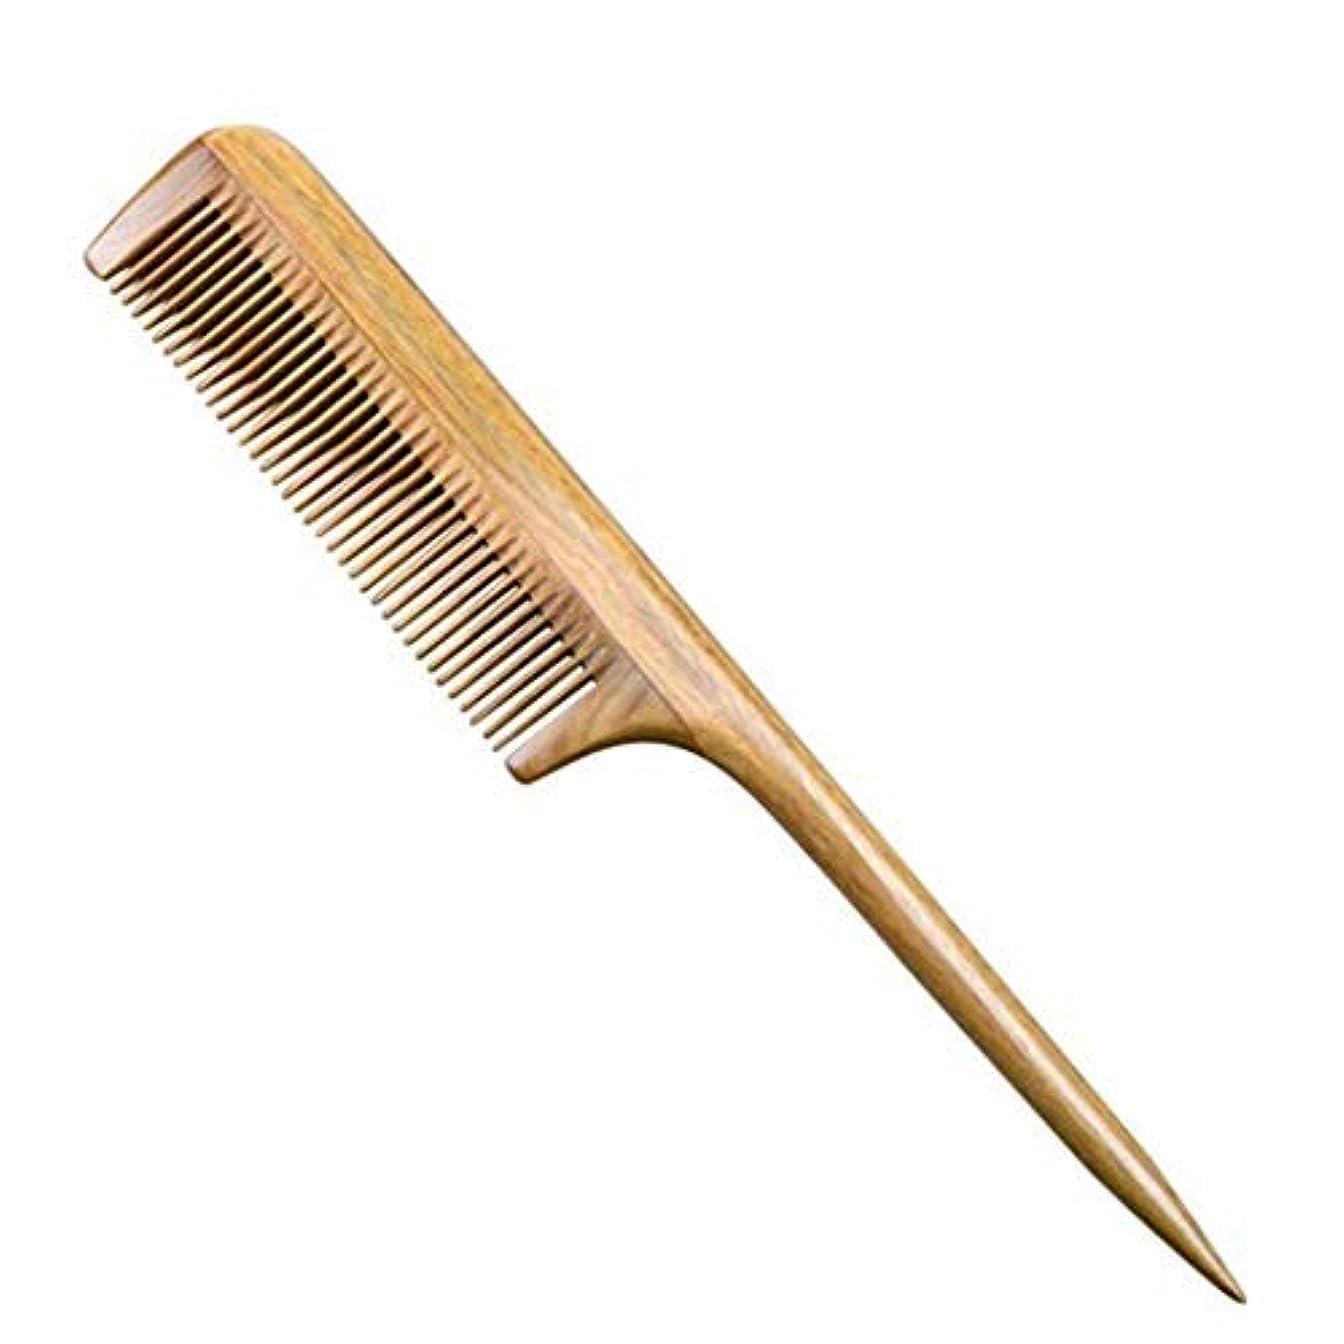 現象タンク相反するRat Tail Hair Comb - Fine Tooth Natural Green Sandalwood Combs with Teasing Tail Handle - No Static Wooden Comb for Women [並行輸入品]